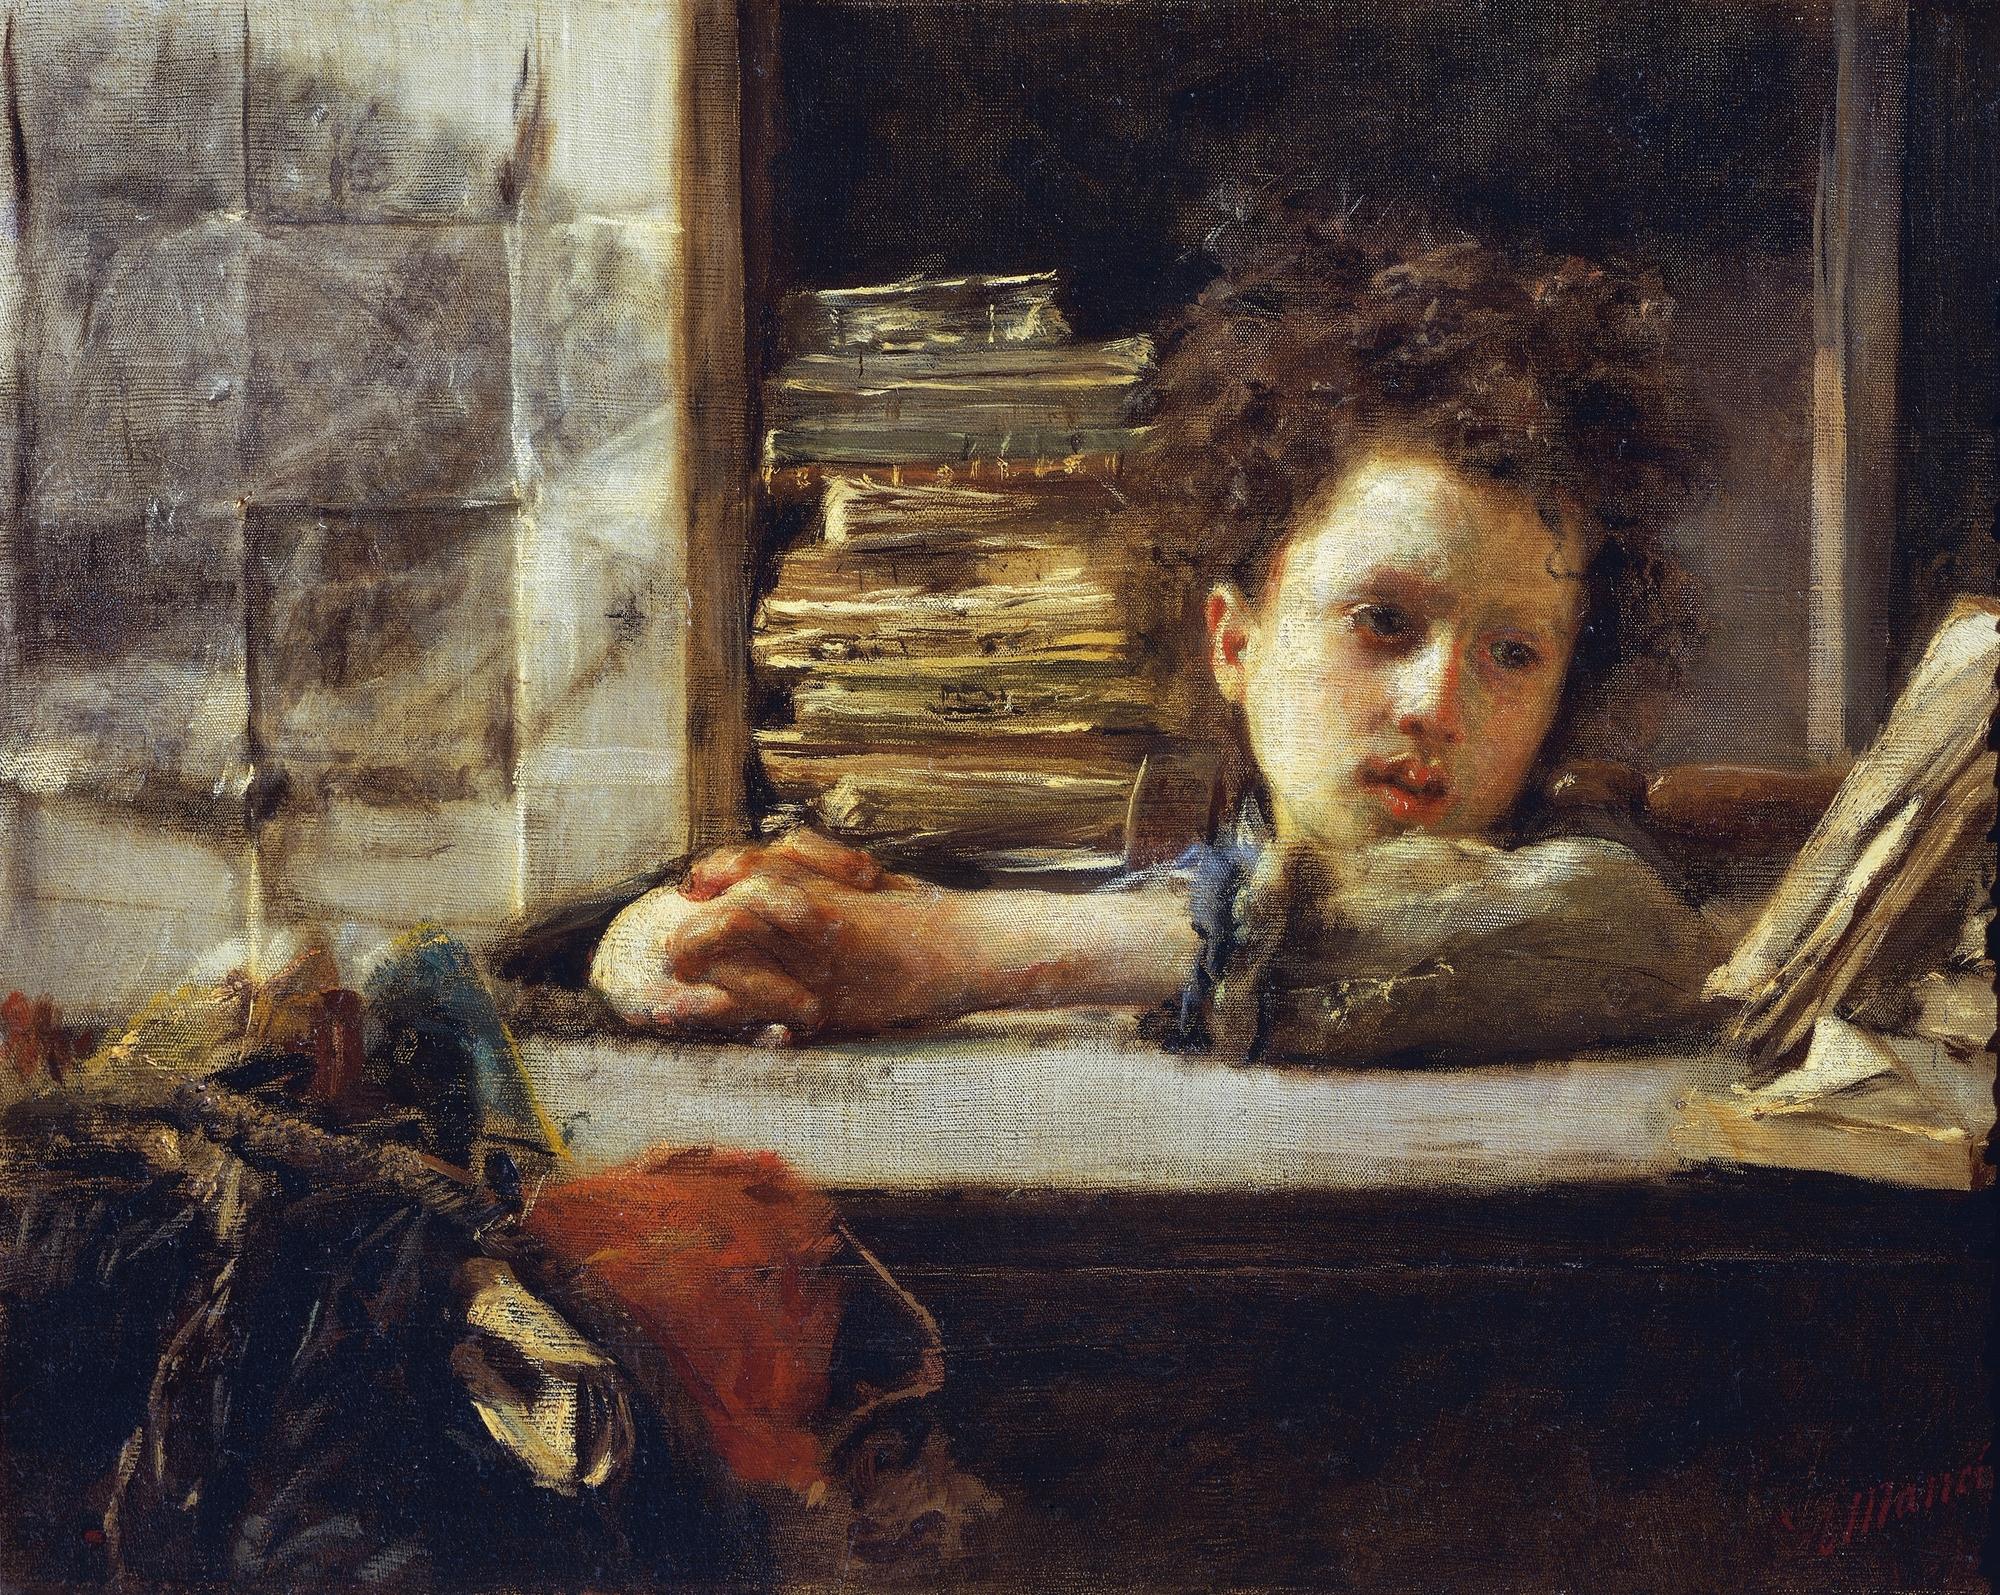 Ritratto di signora by Antonio Mancini on artnet